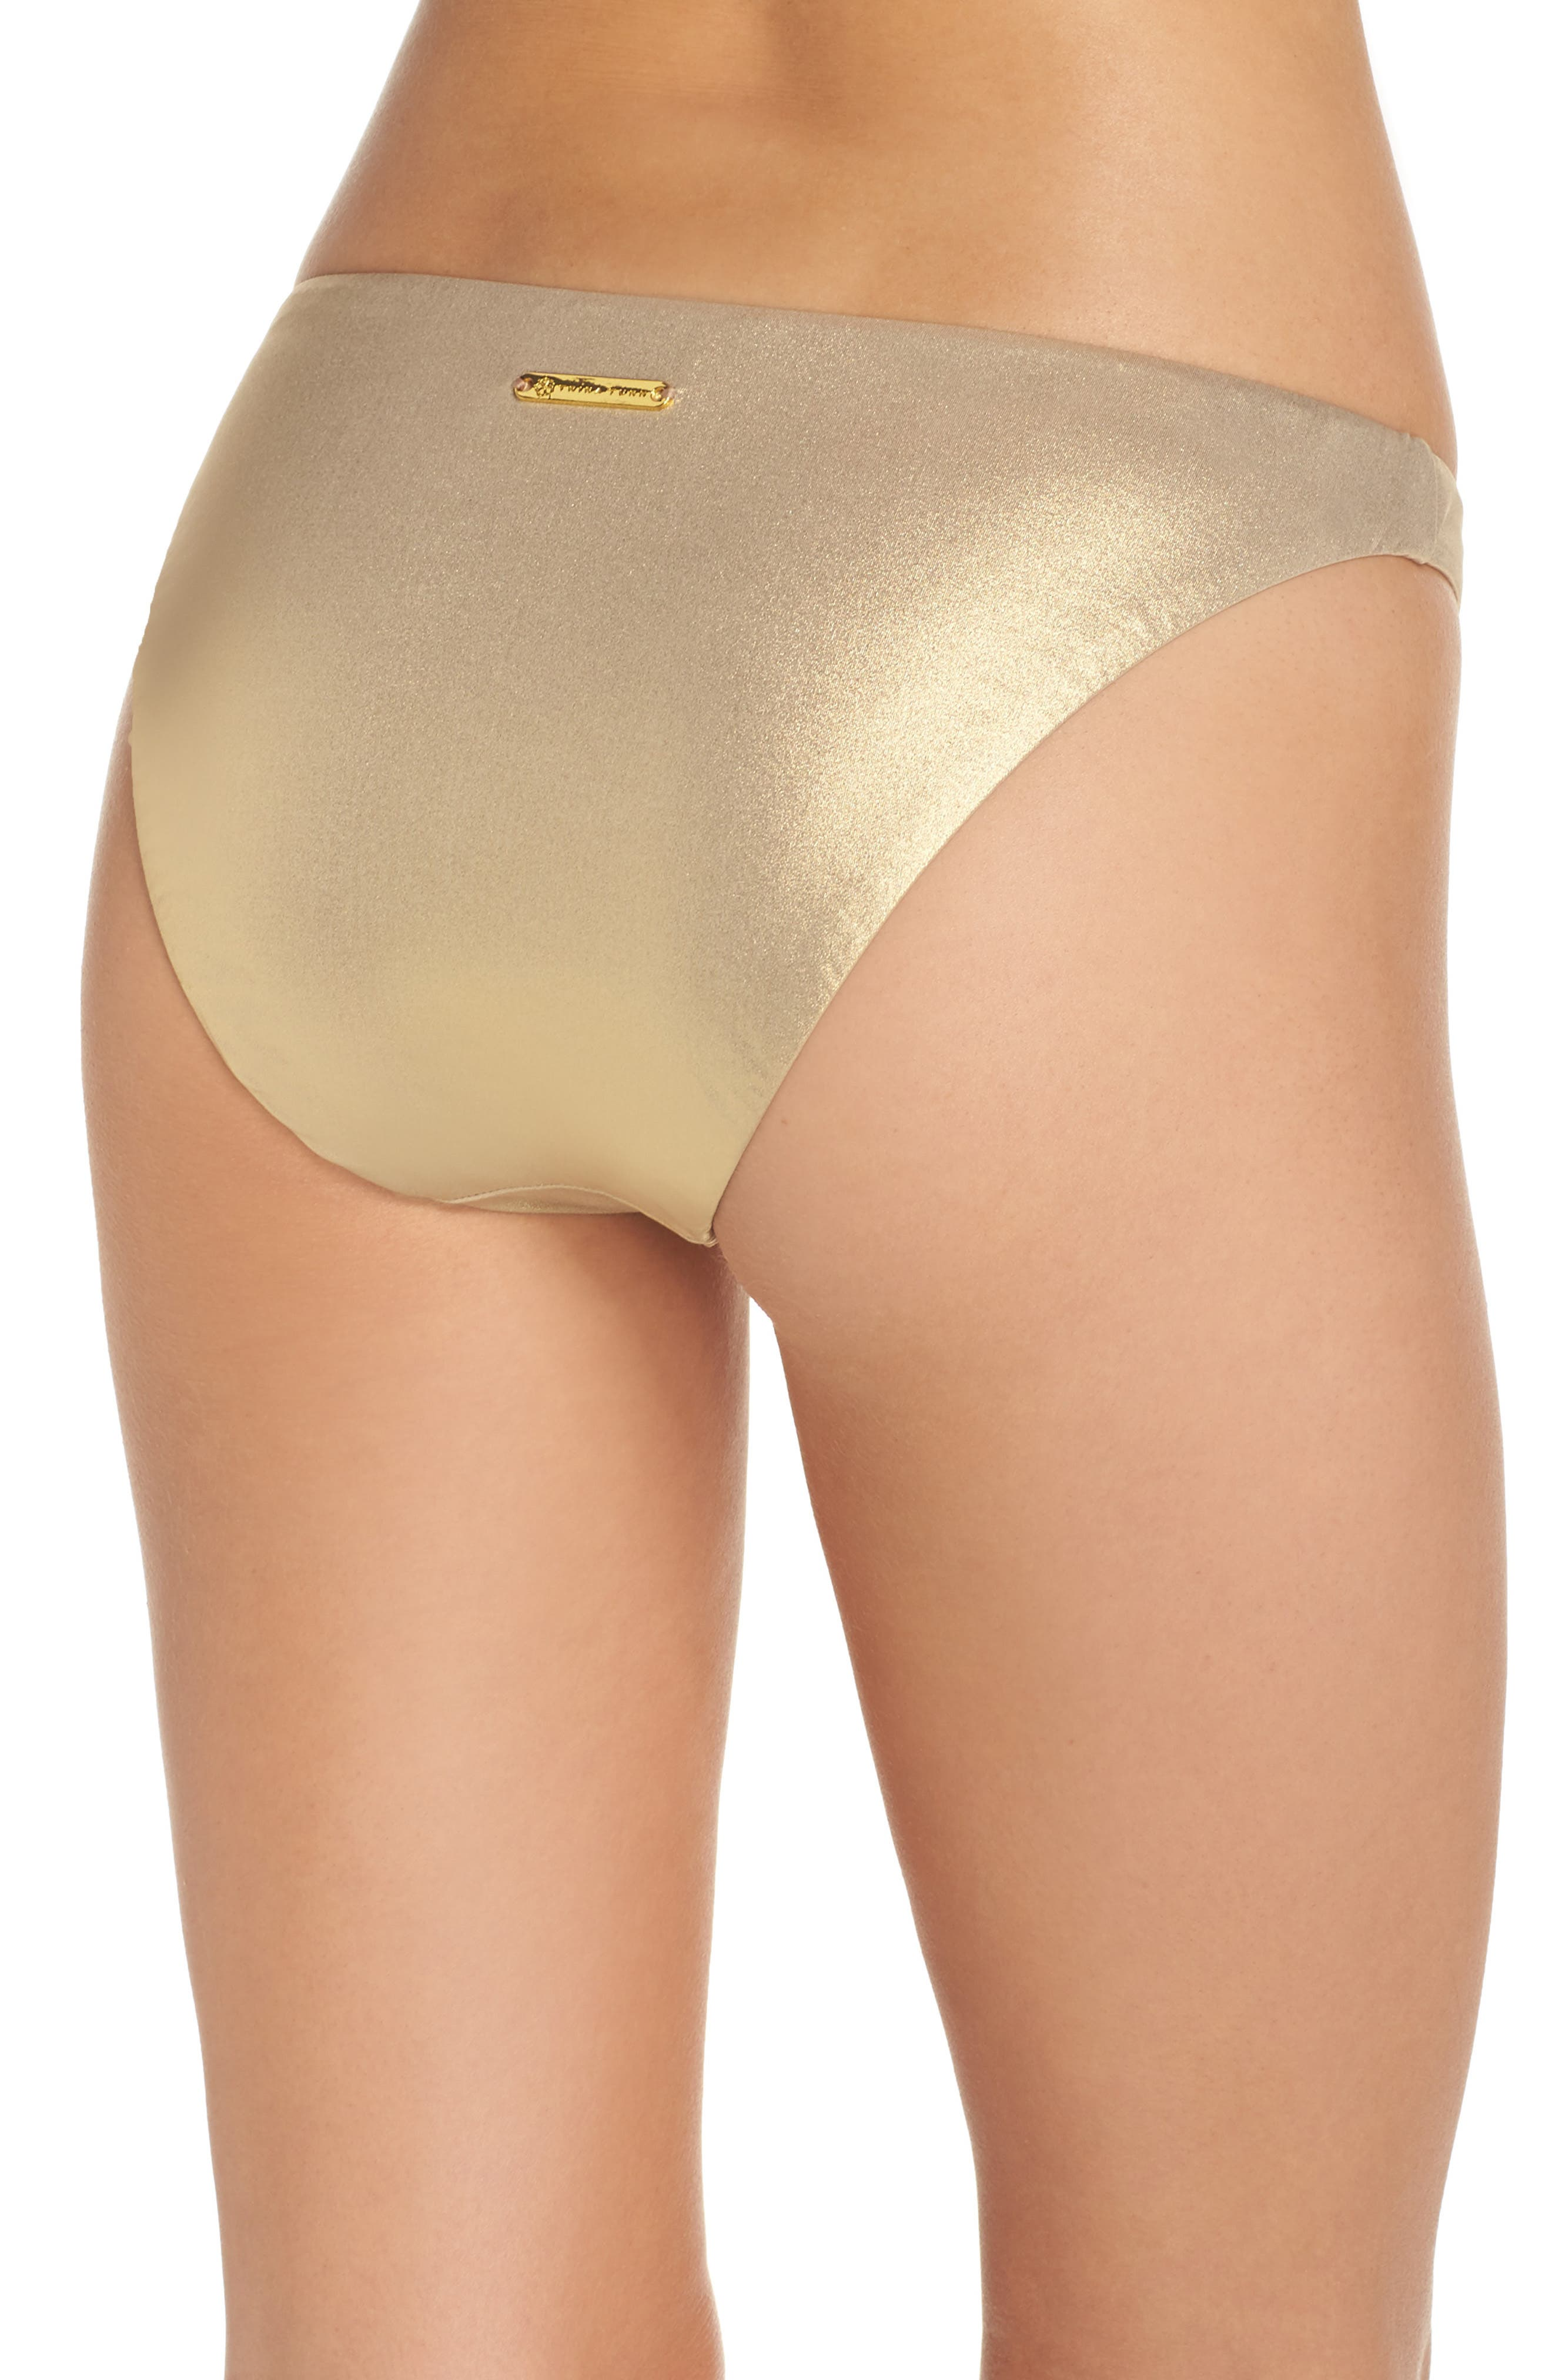 Golden Medallion Bikini Bottoms,                             Alternate thumbnail 2, color,                             710